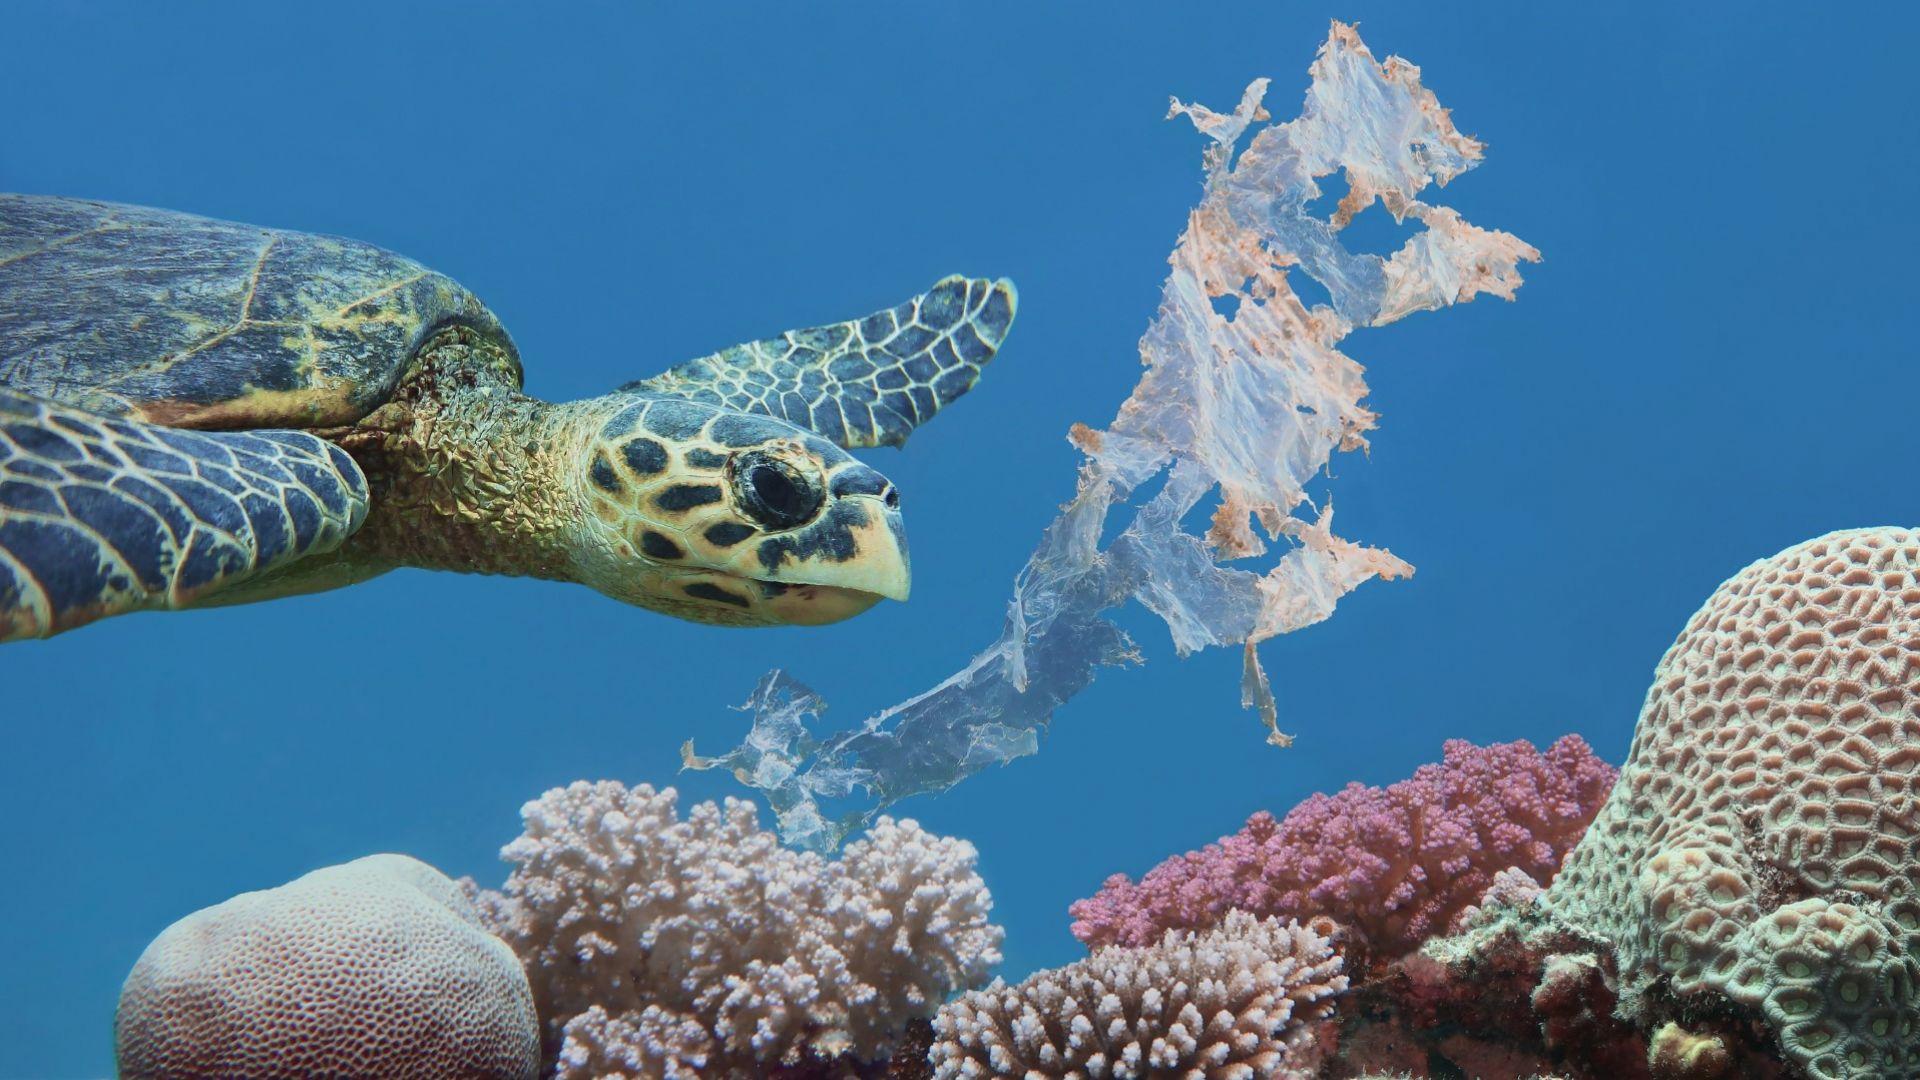 Повечето пластмасови отпадъци  в океаните се озовават близо до бреговете